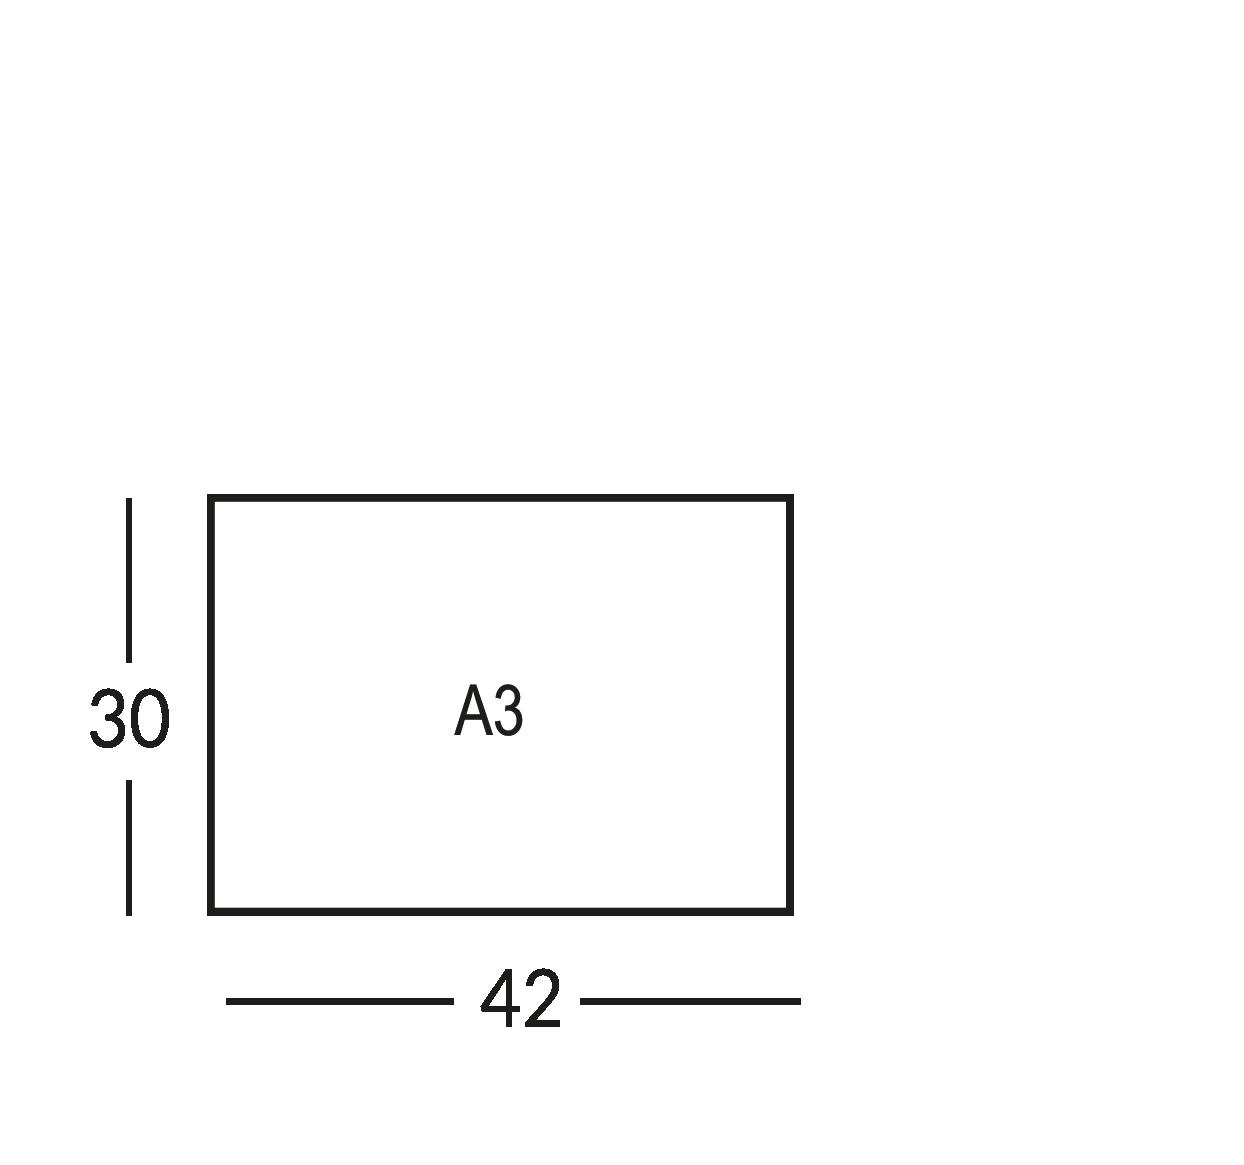 Supporti per planimetria sicurezza, formato A3